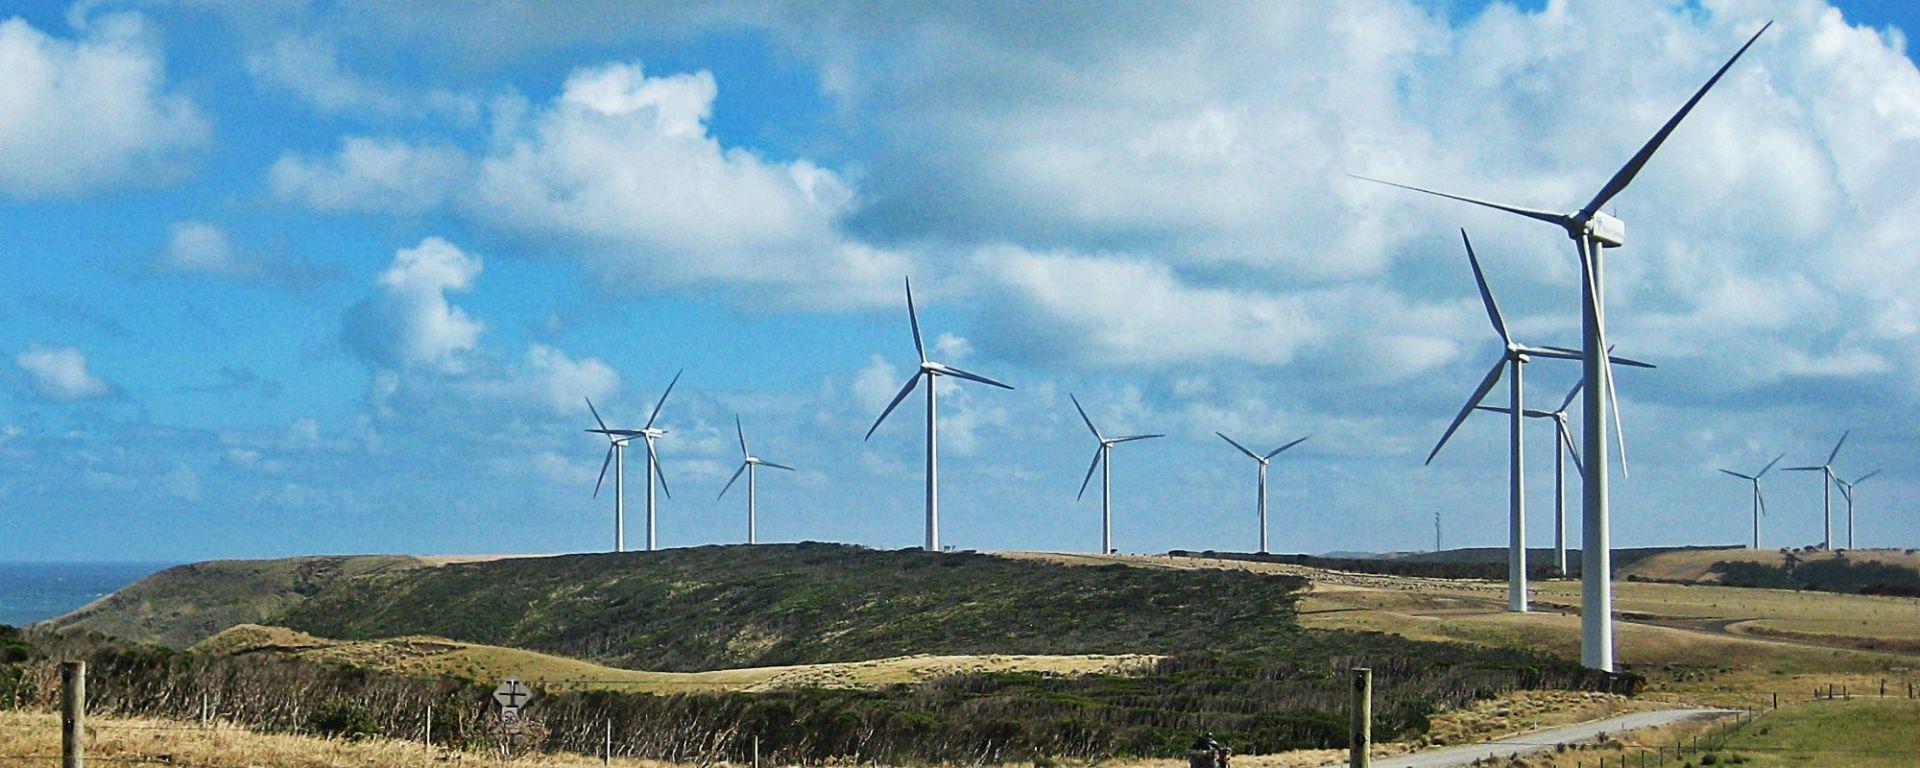 Tesla costruirà la batteria al litio più grande del mondo, da collegare a una wind farm in Australia